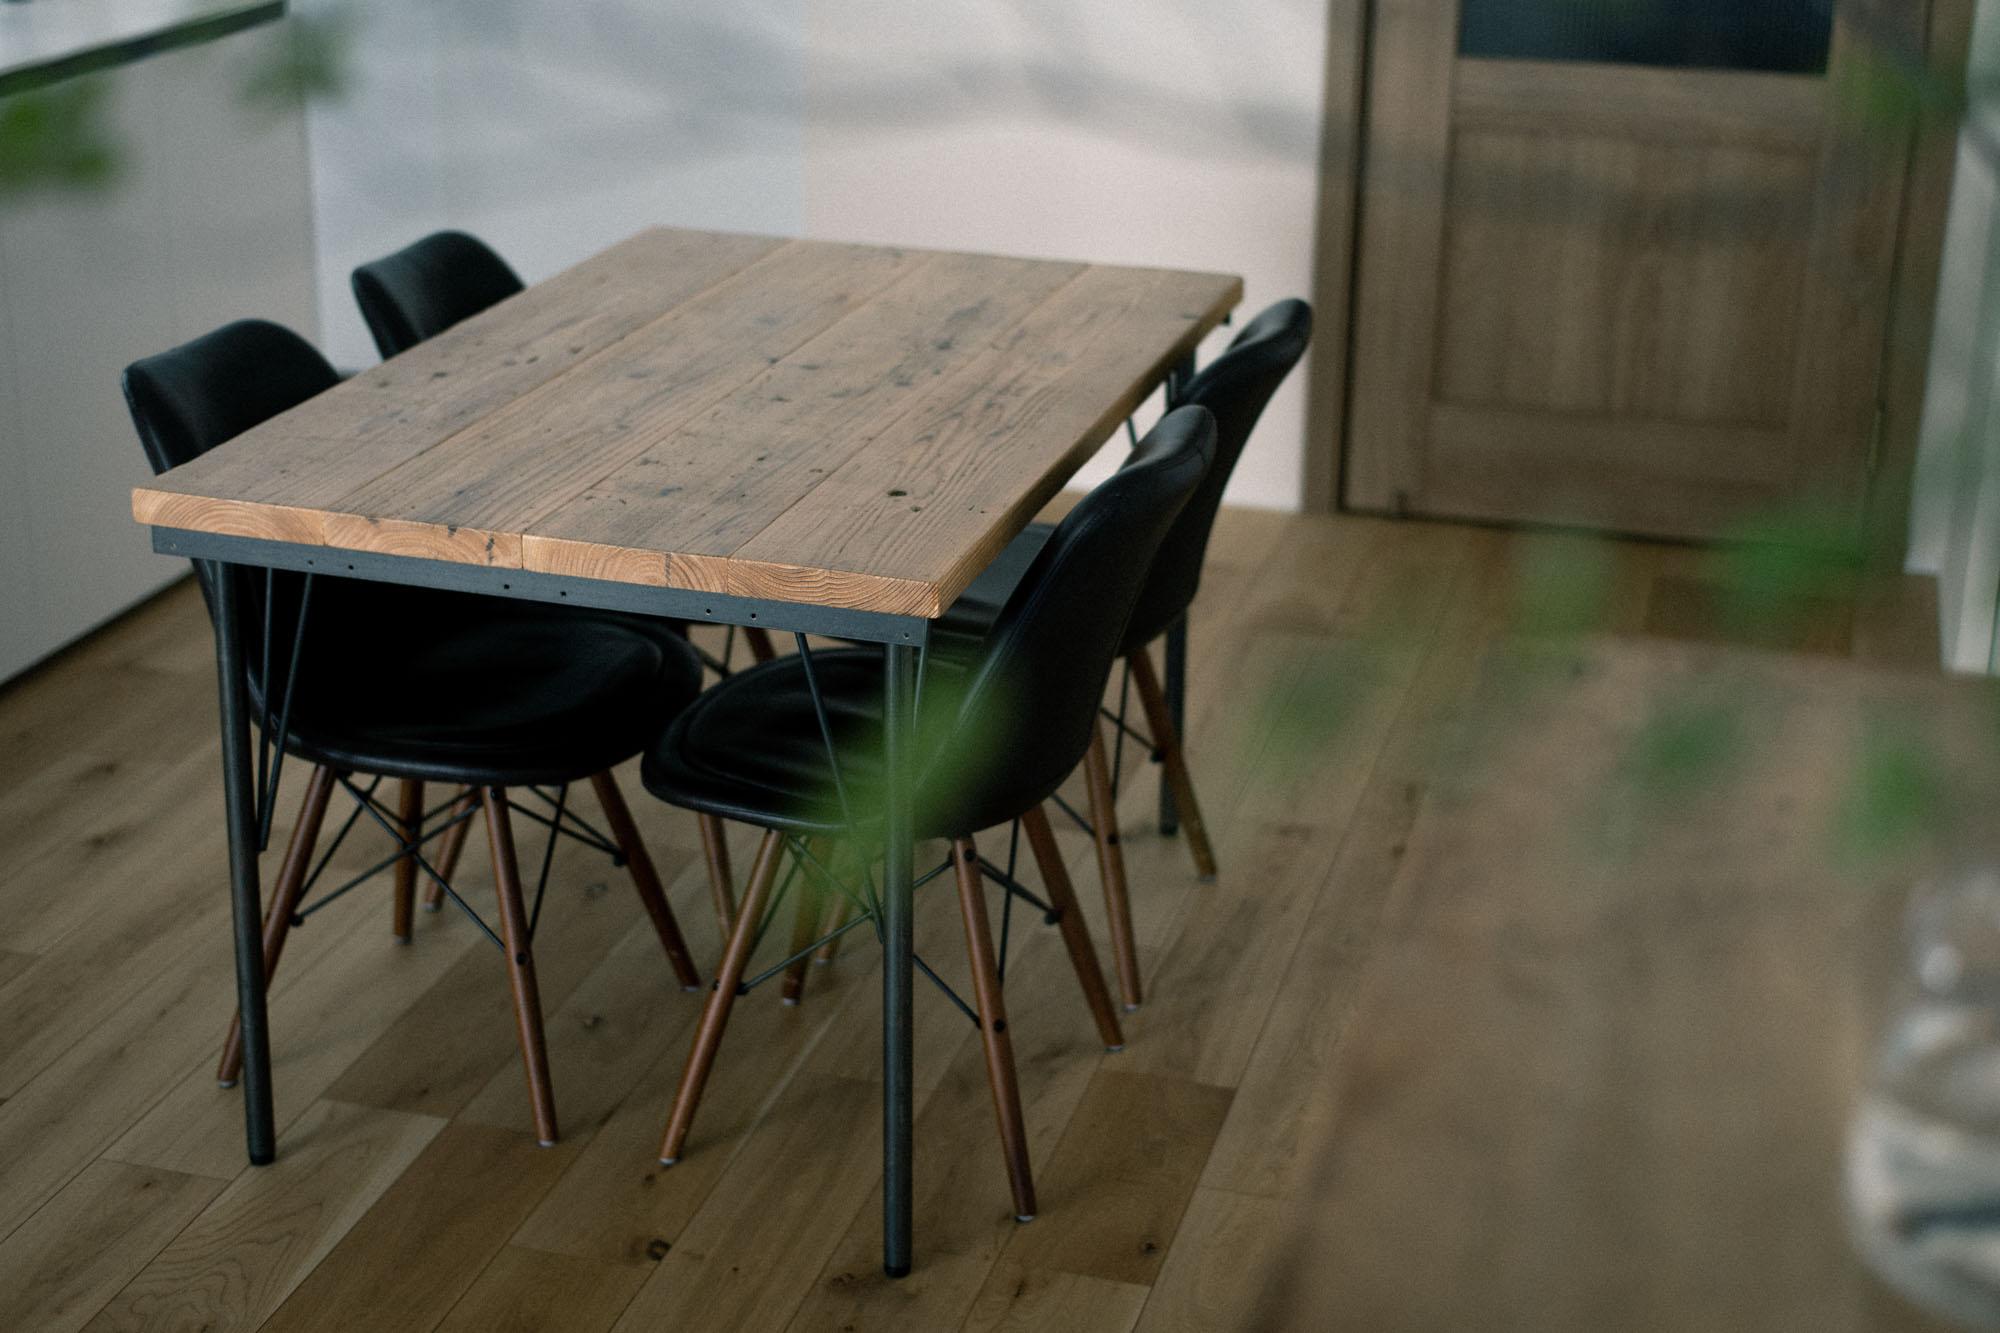 ダイニングテーブルは古い足場板とアイアンの足を組み合わせてDIY。